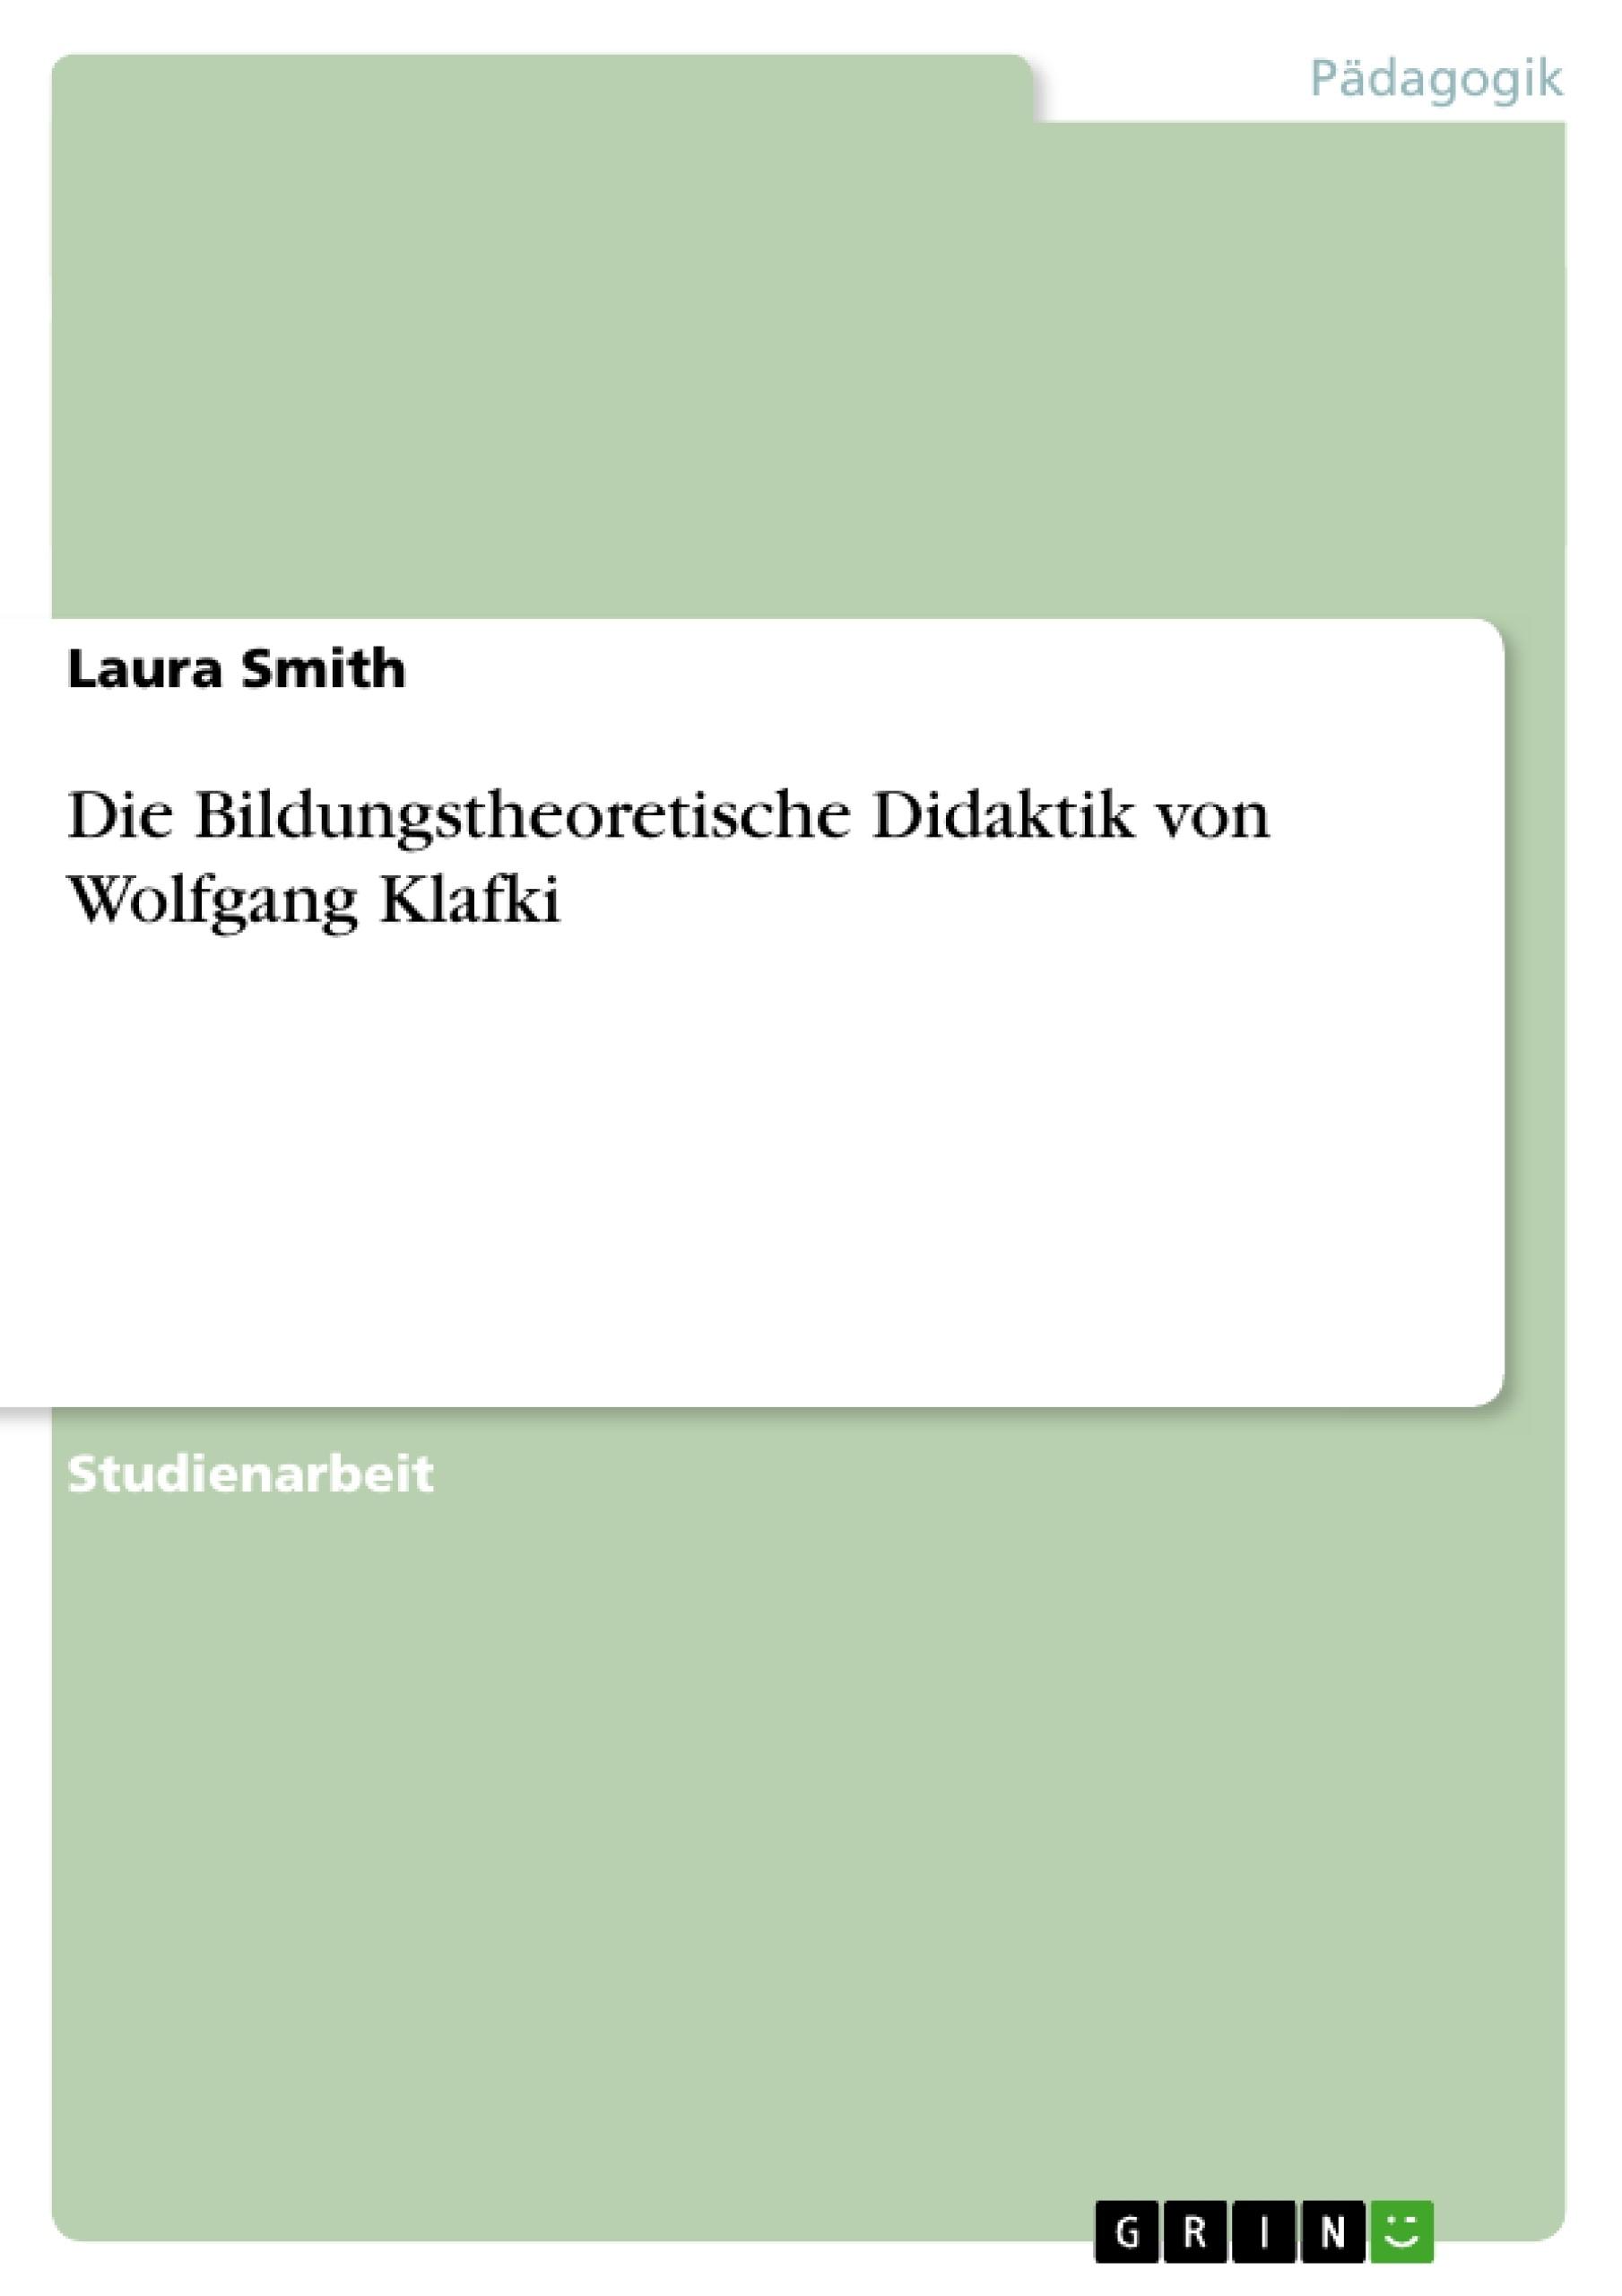 Titel: Die Bildungstheoretische Didaktik von Wolfgang Klafki